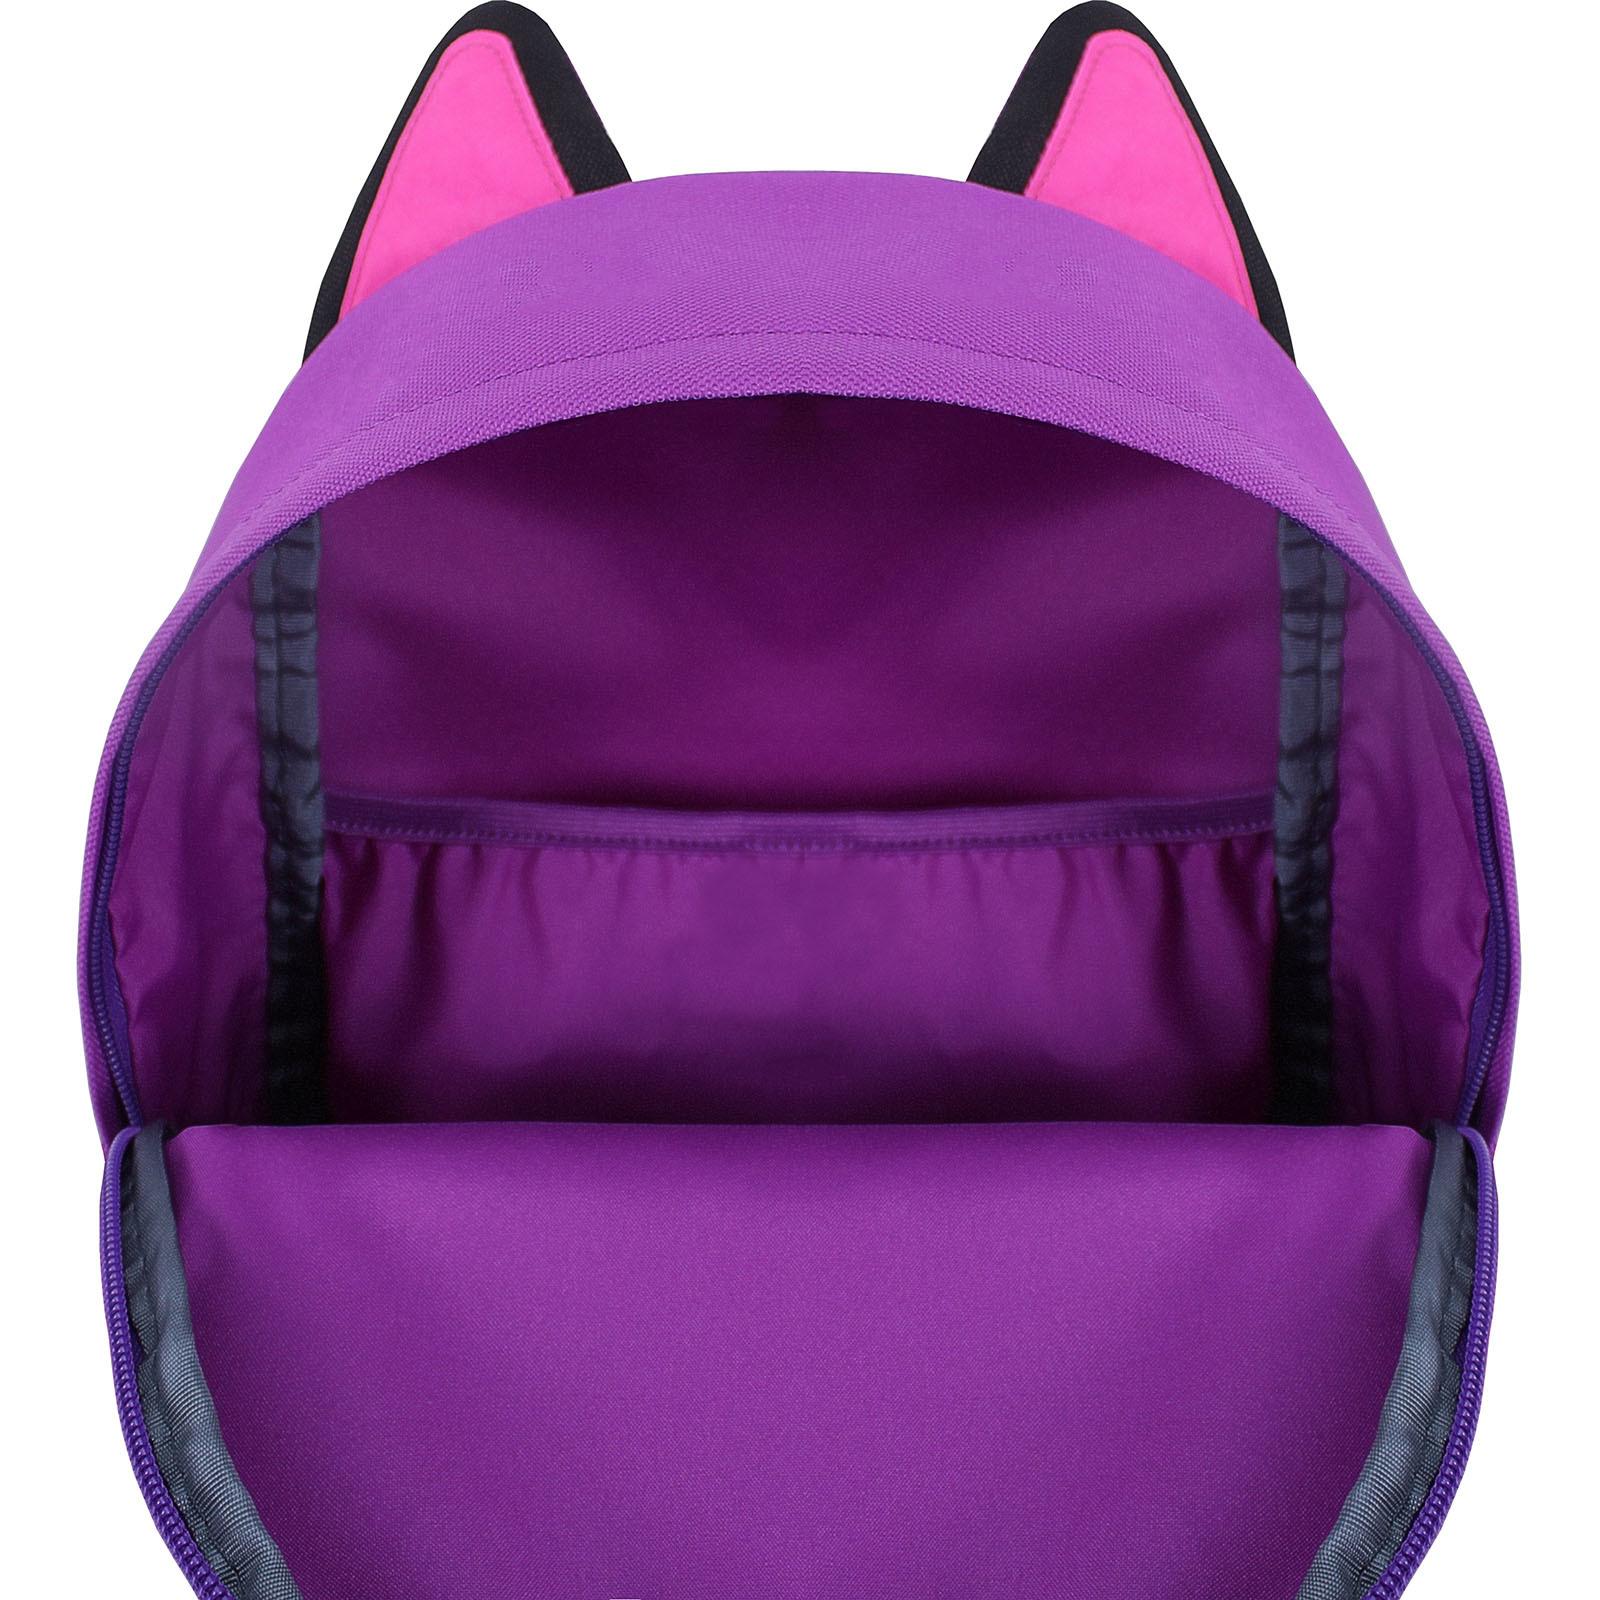 Рюкзак Bagland Ears фиолетовый (0054566) фото 4